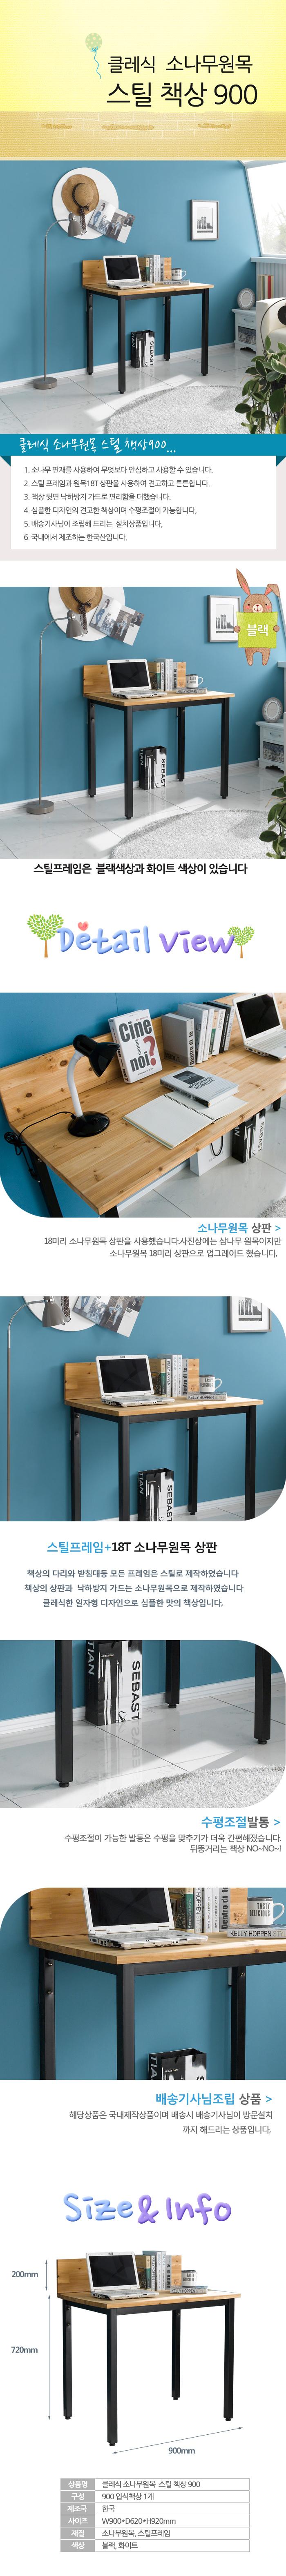 클레식 소나무원목 스틸책상 900 - 아름이와다움이, 139,000원, 책상/의자, 일반 책상